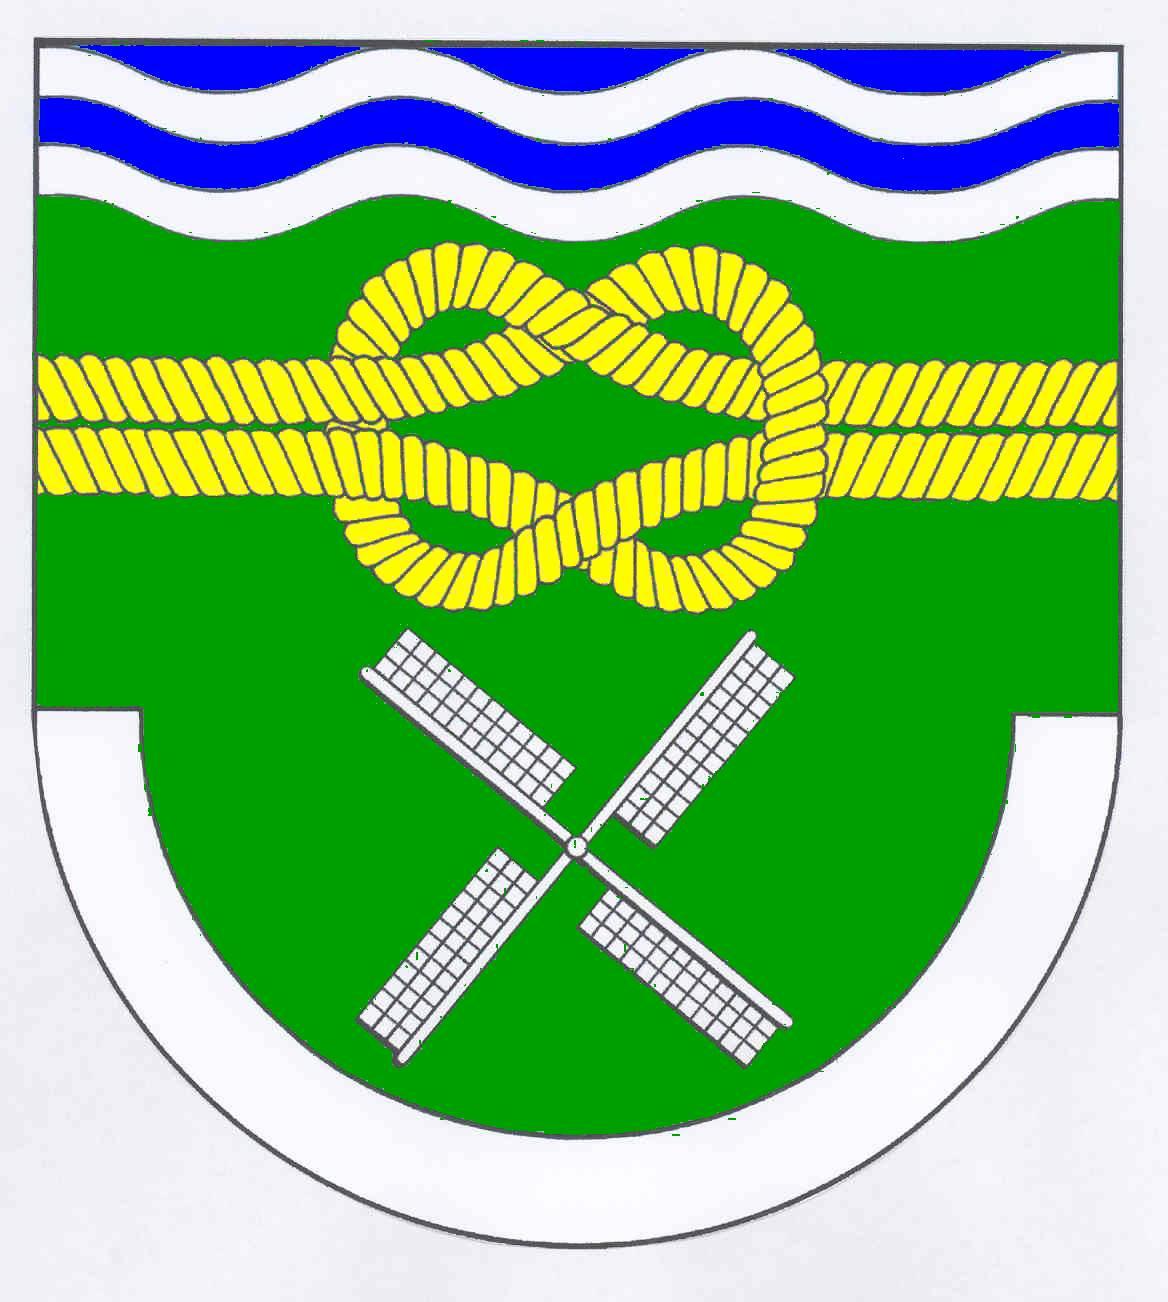 Wappen GemeindeNeuendorf-Sachsenbande, Kreis Steinburg